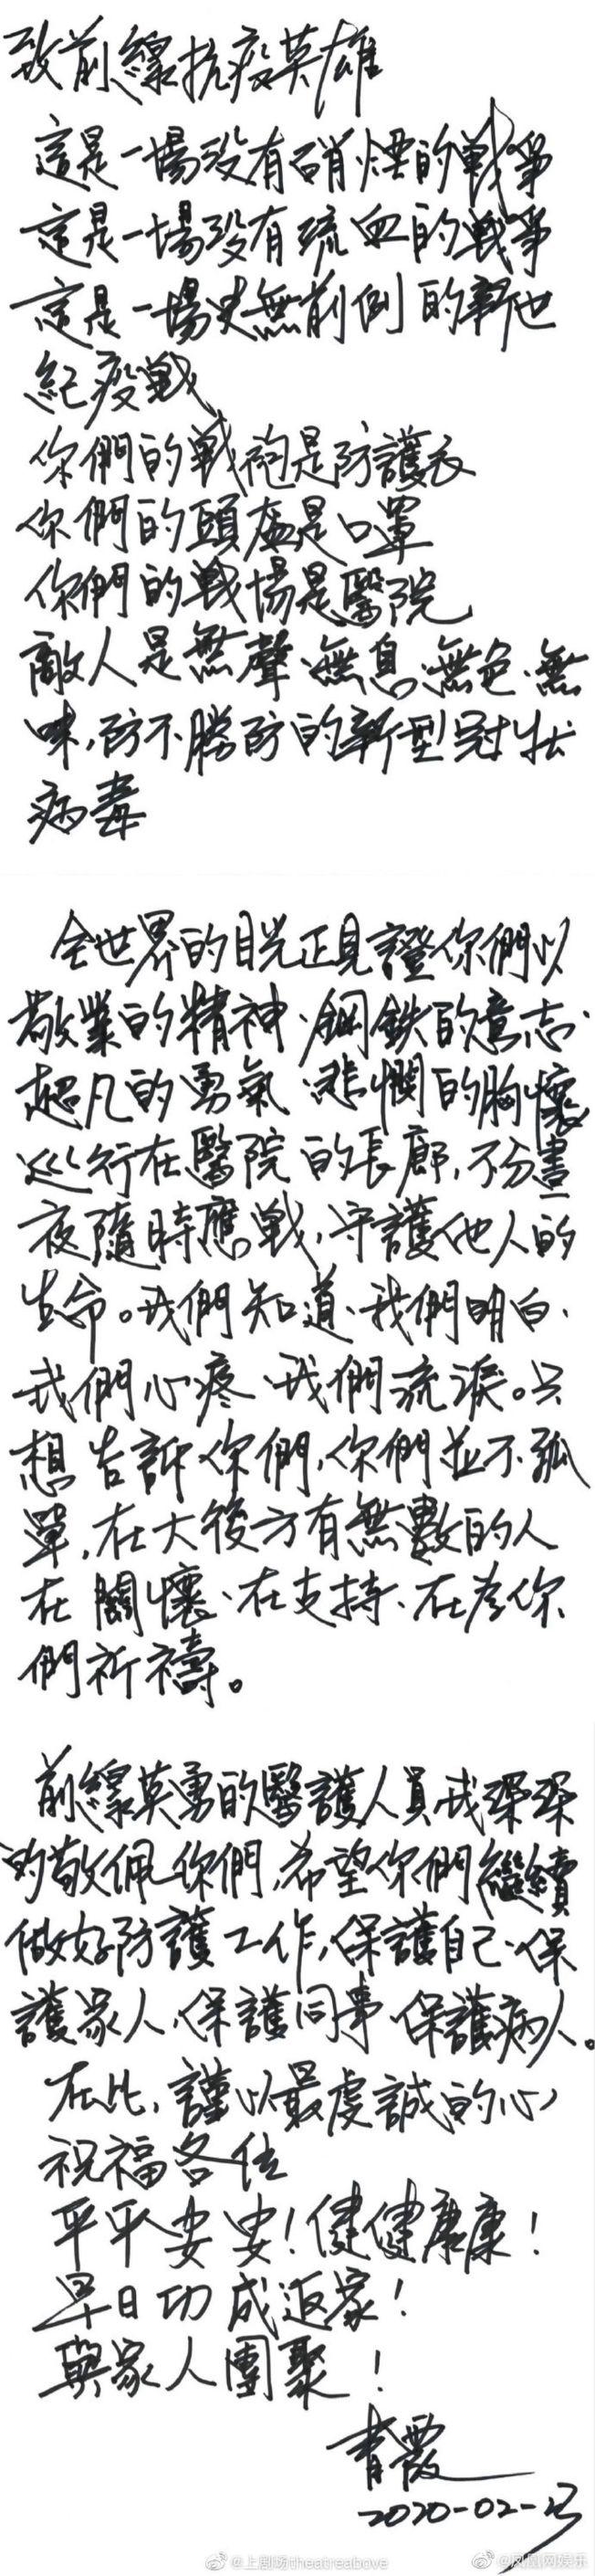 林青霞親筆寫信為前線醫護人員打氣。(取材自微博)